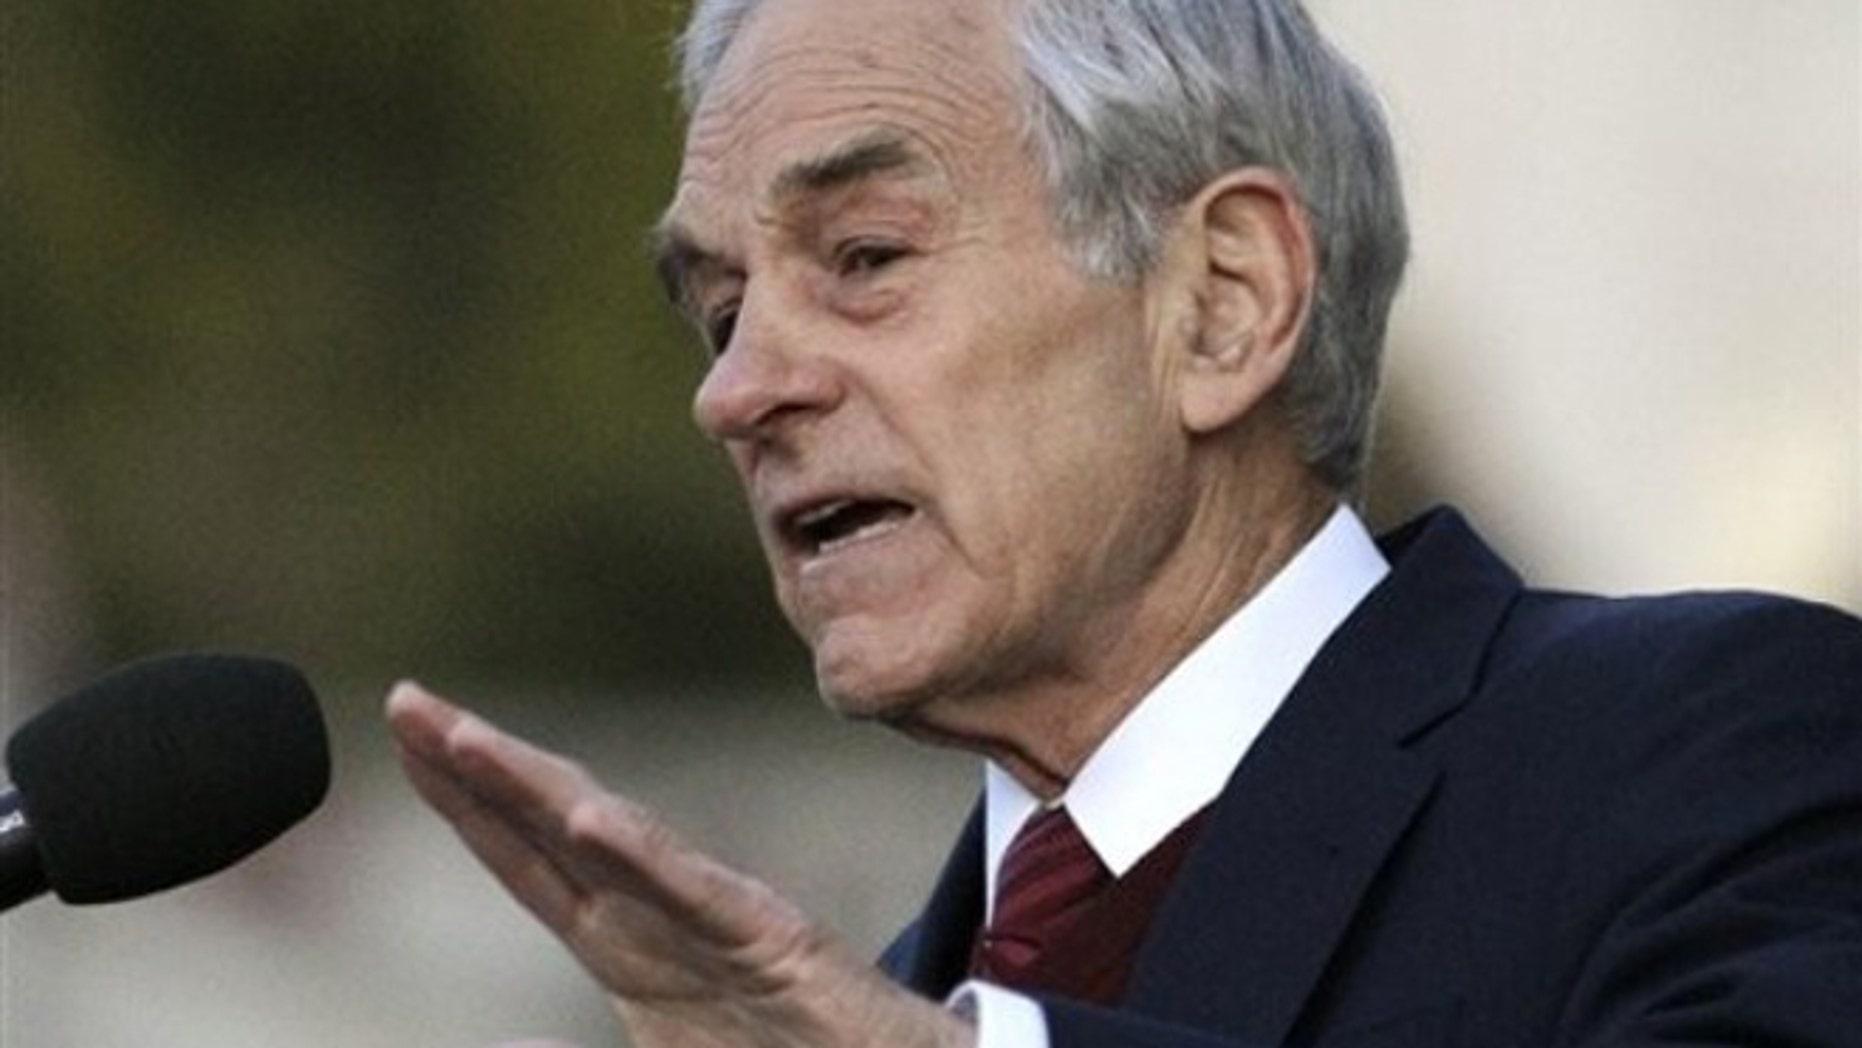 FILE: April 5, 2012: Rep. Ron Paul speaks in Berkeley, Calif.